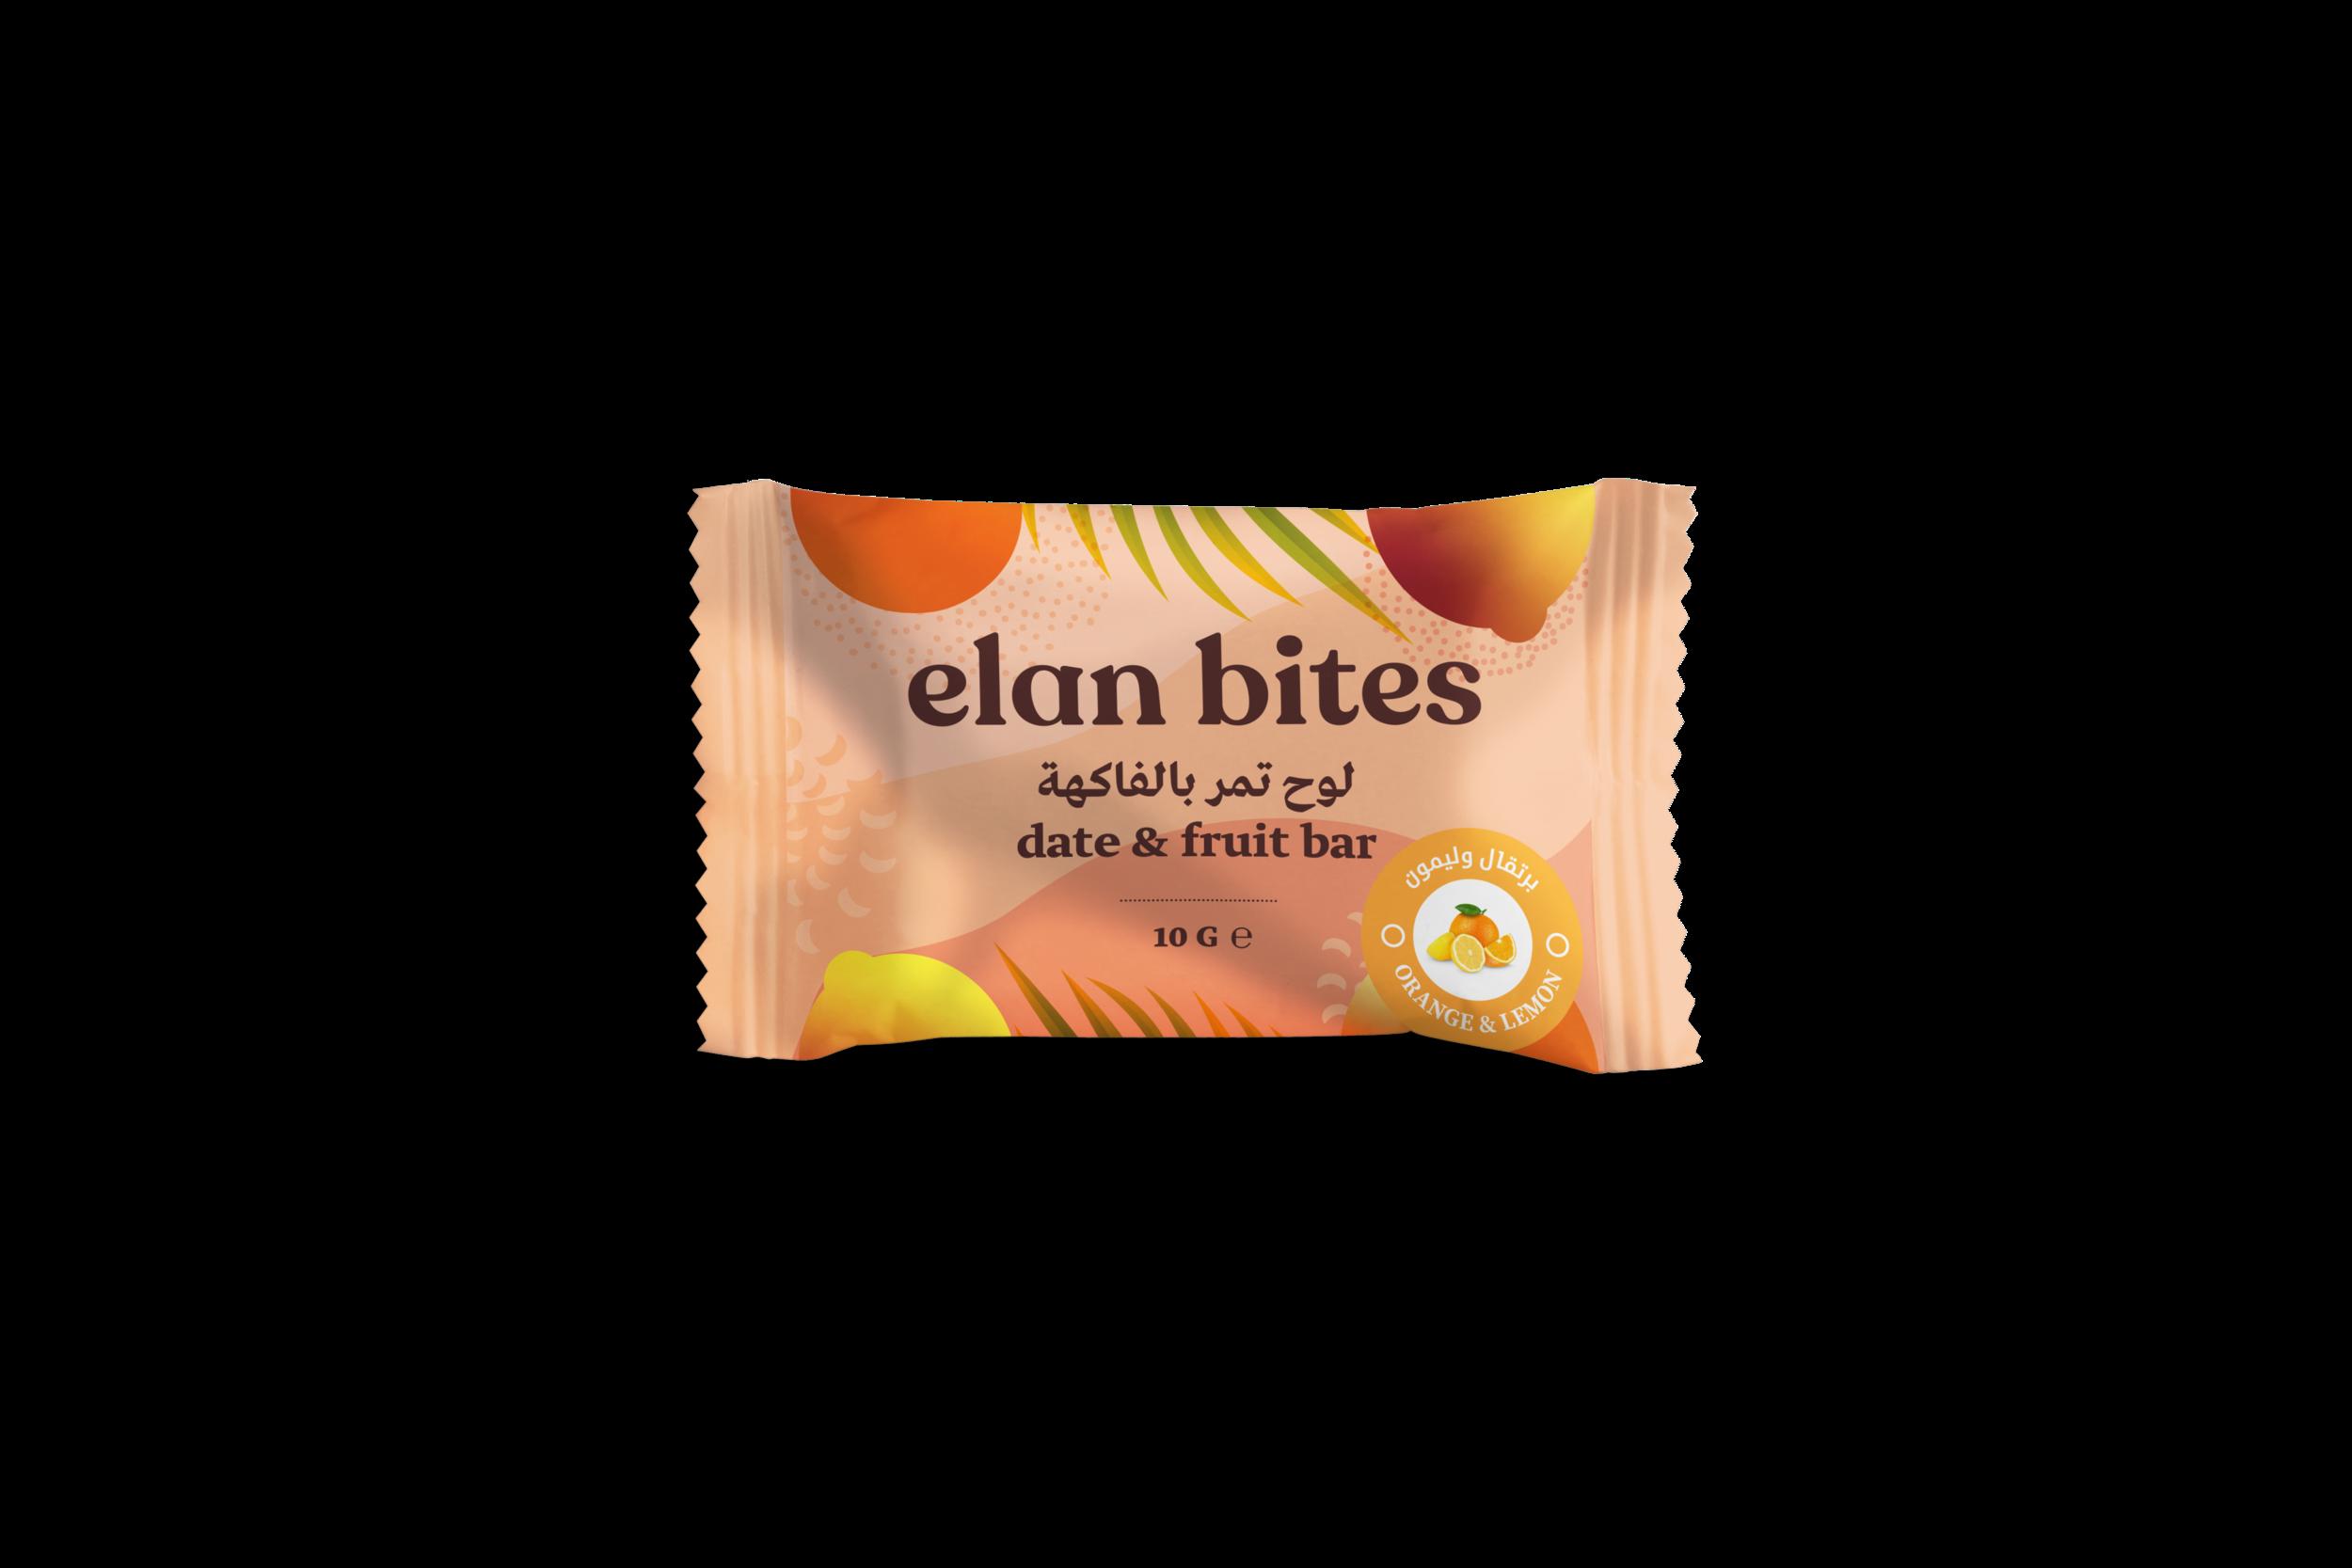 Elan Bites orange & lemon 10g Bar Mock Up .png